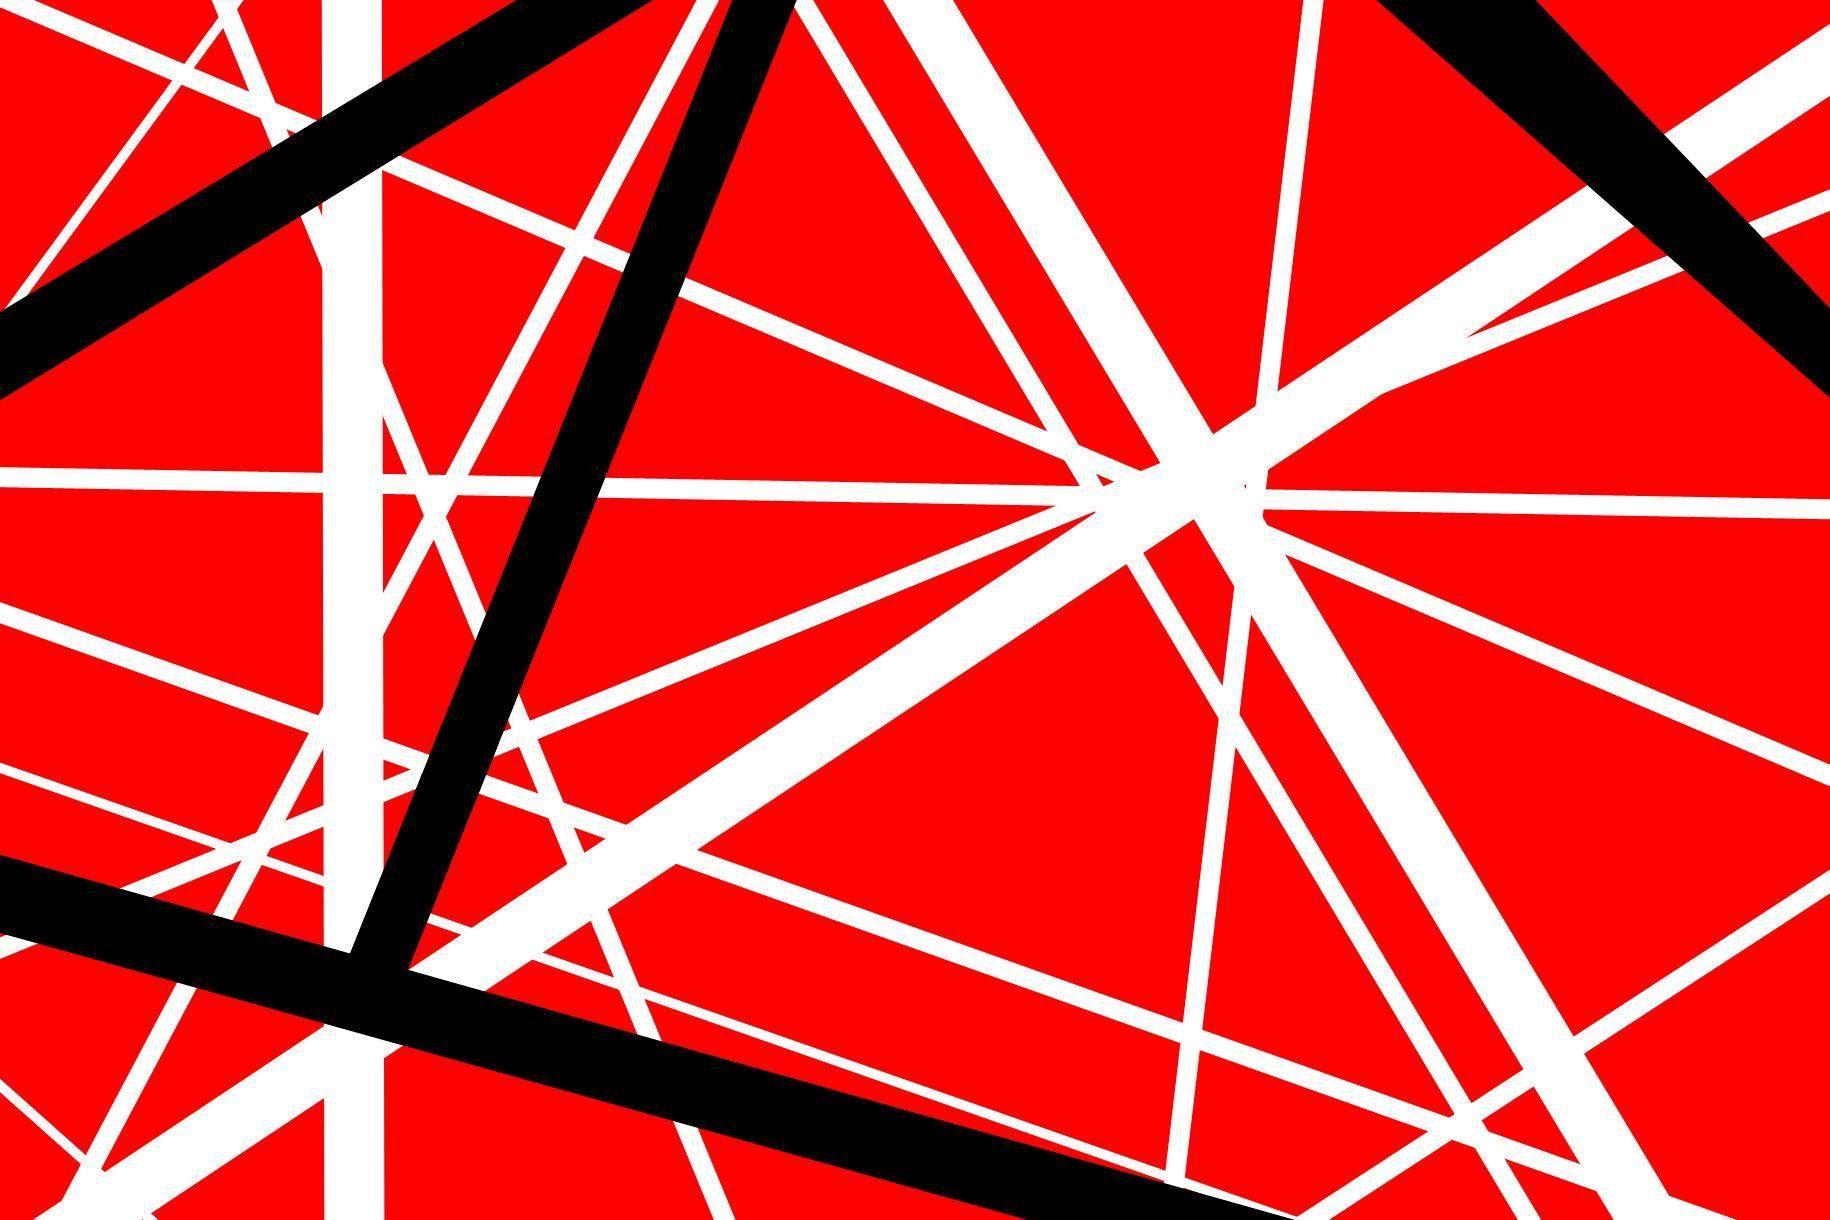 50 Van Halen Frankenstein Wallpapers Download At Wallpaperbro Van Halen Eddie Van Halen Halen